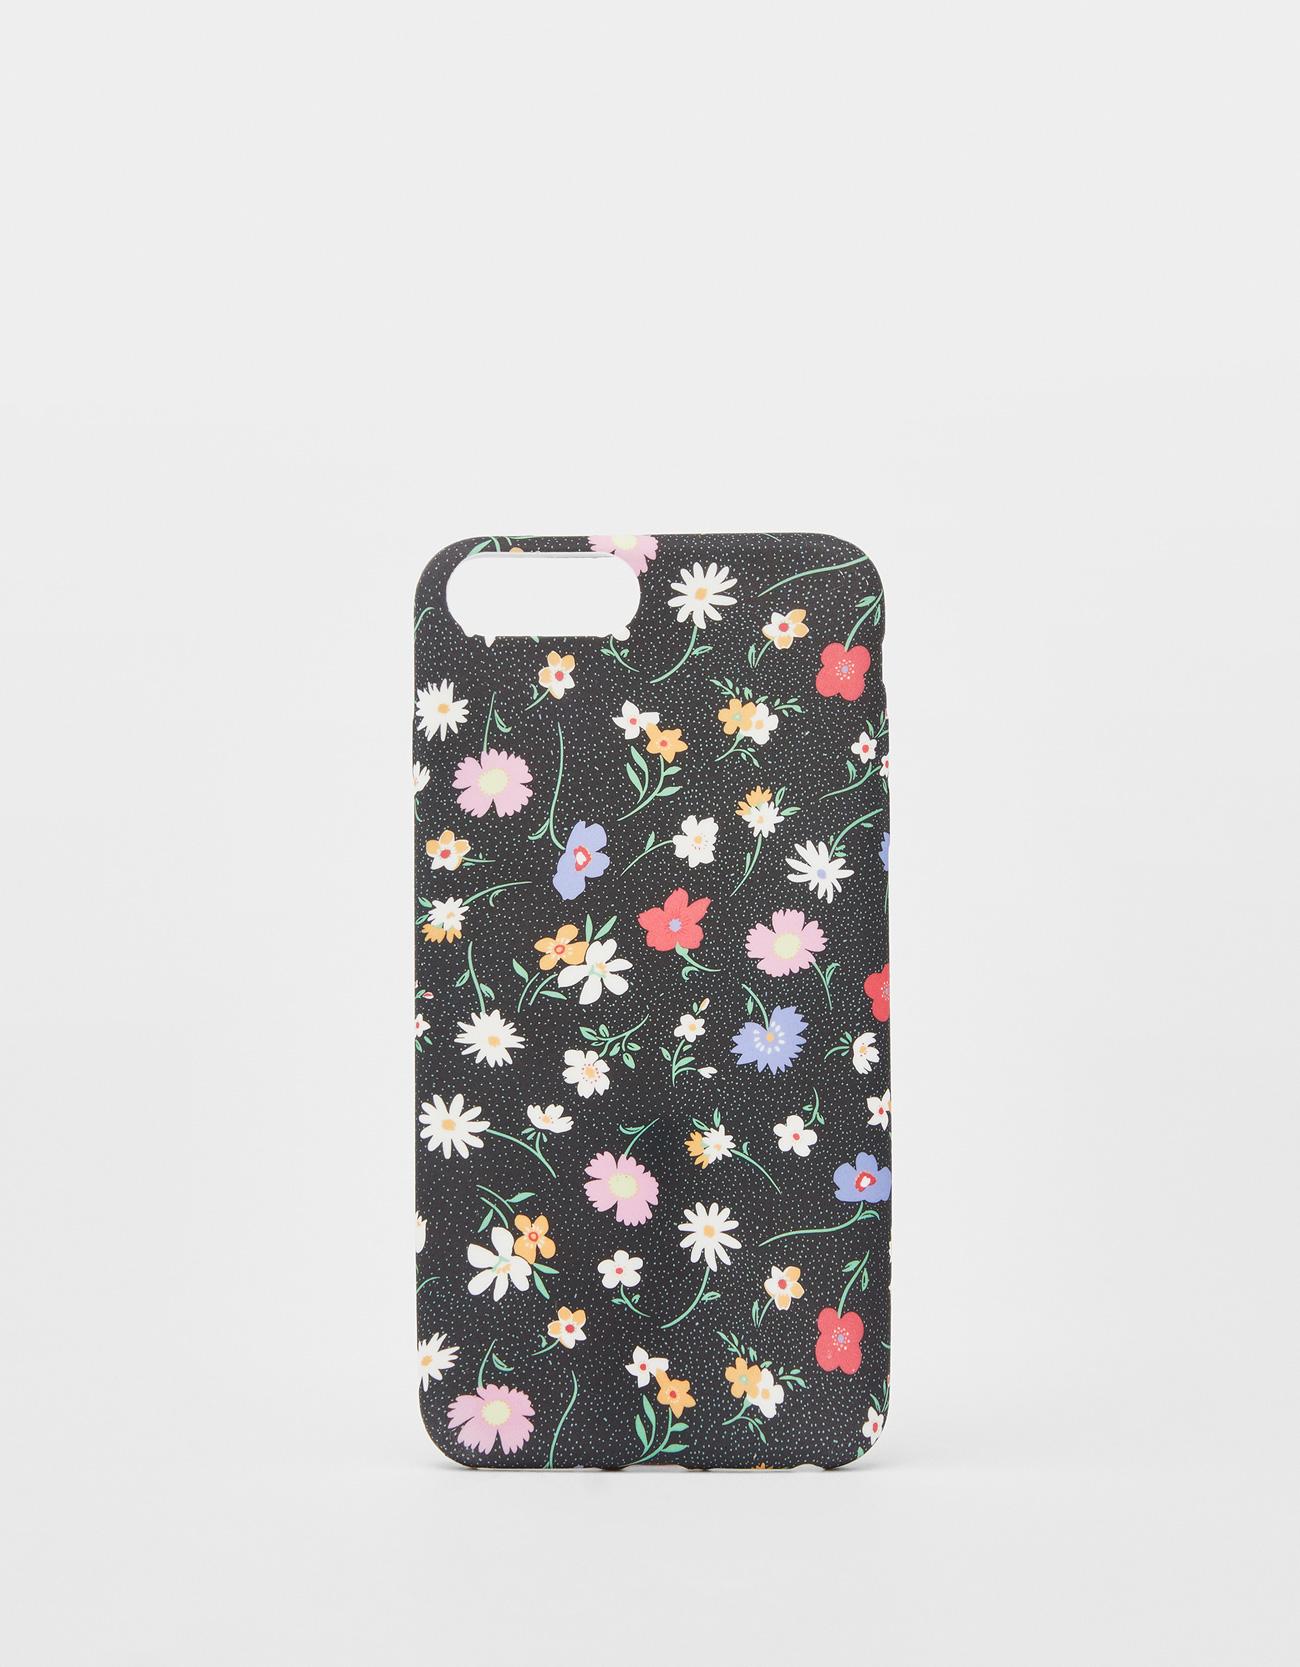 Floral Iphone 6 Plus 7 Plus 8 Plus Case Iphone Cases